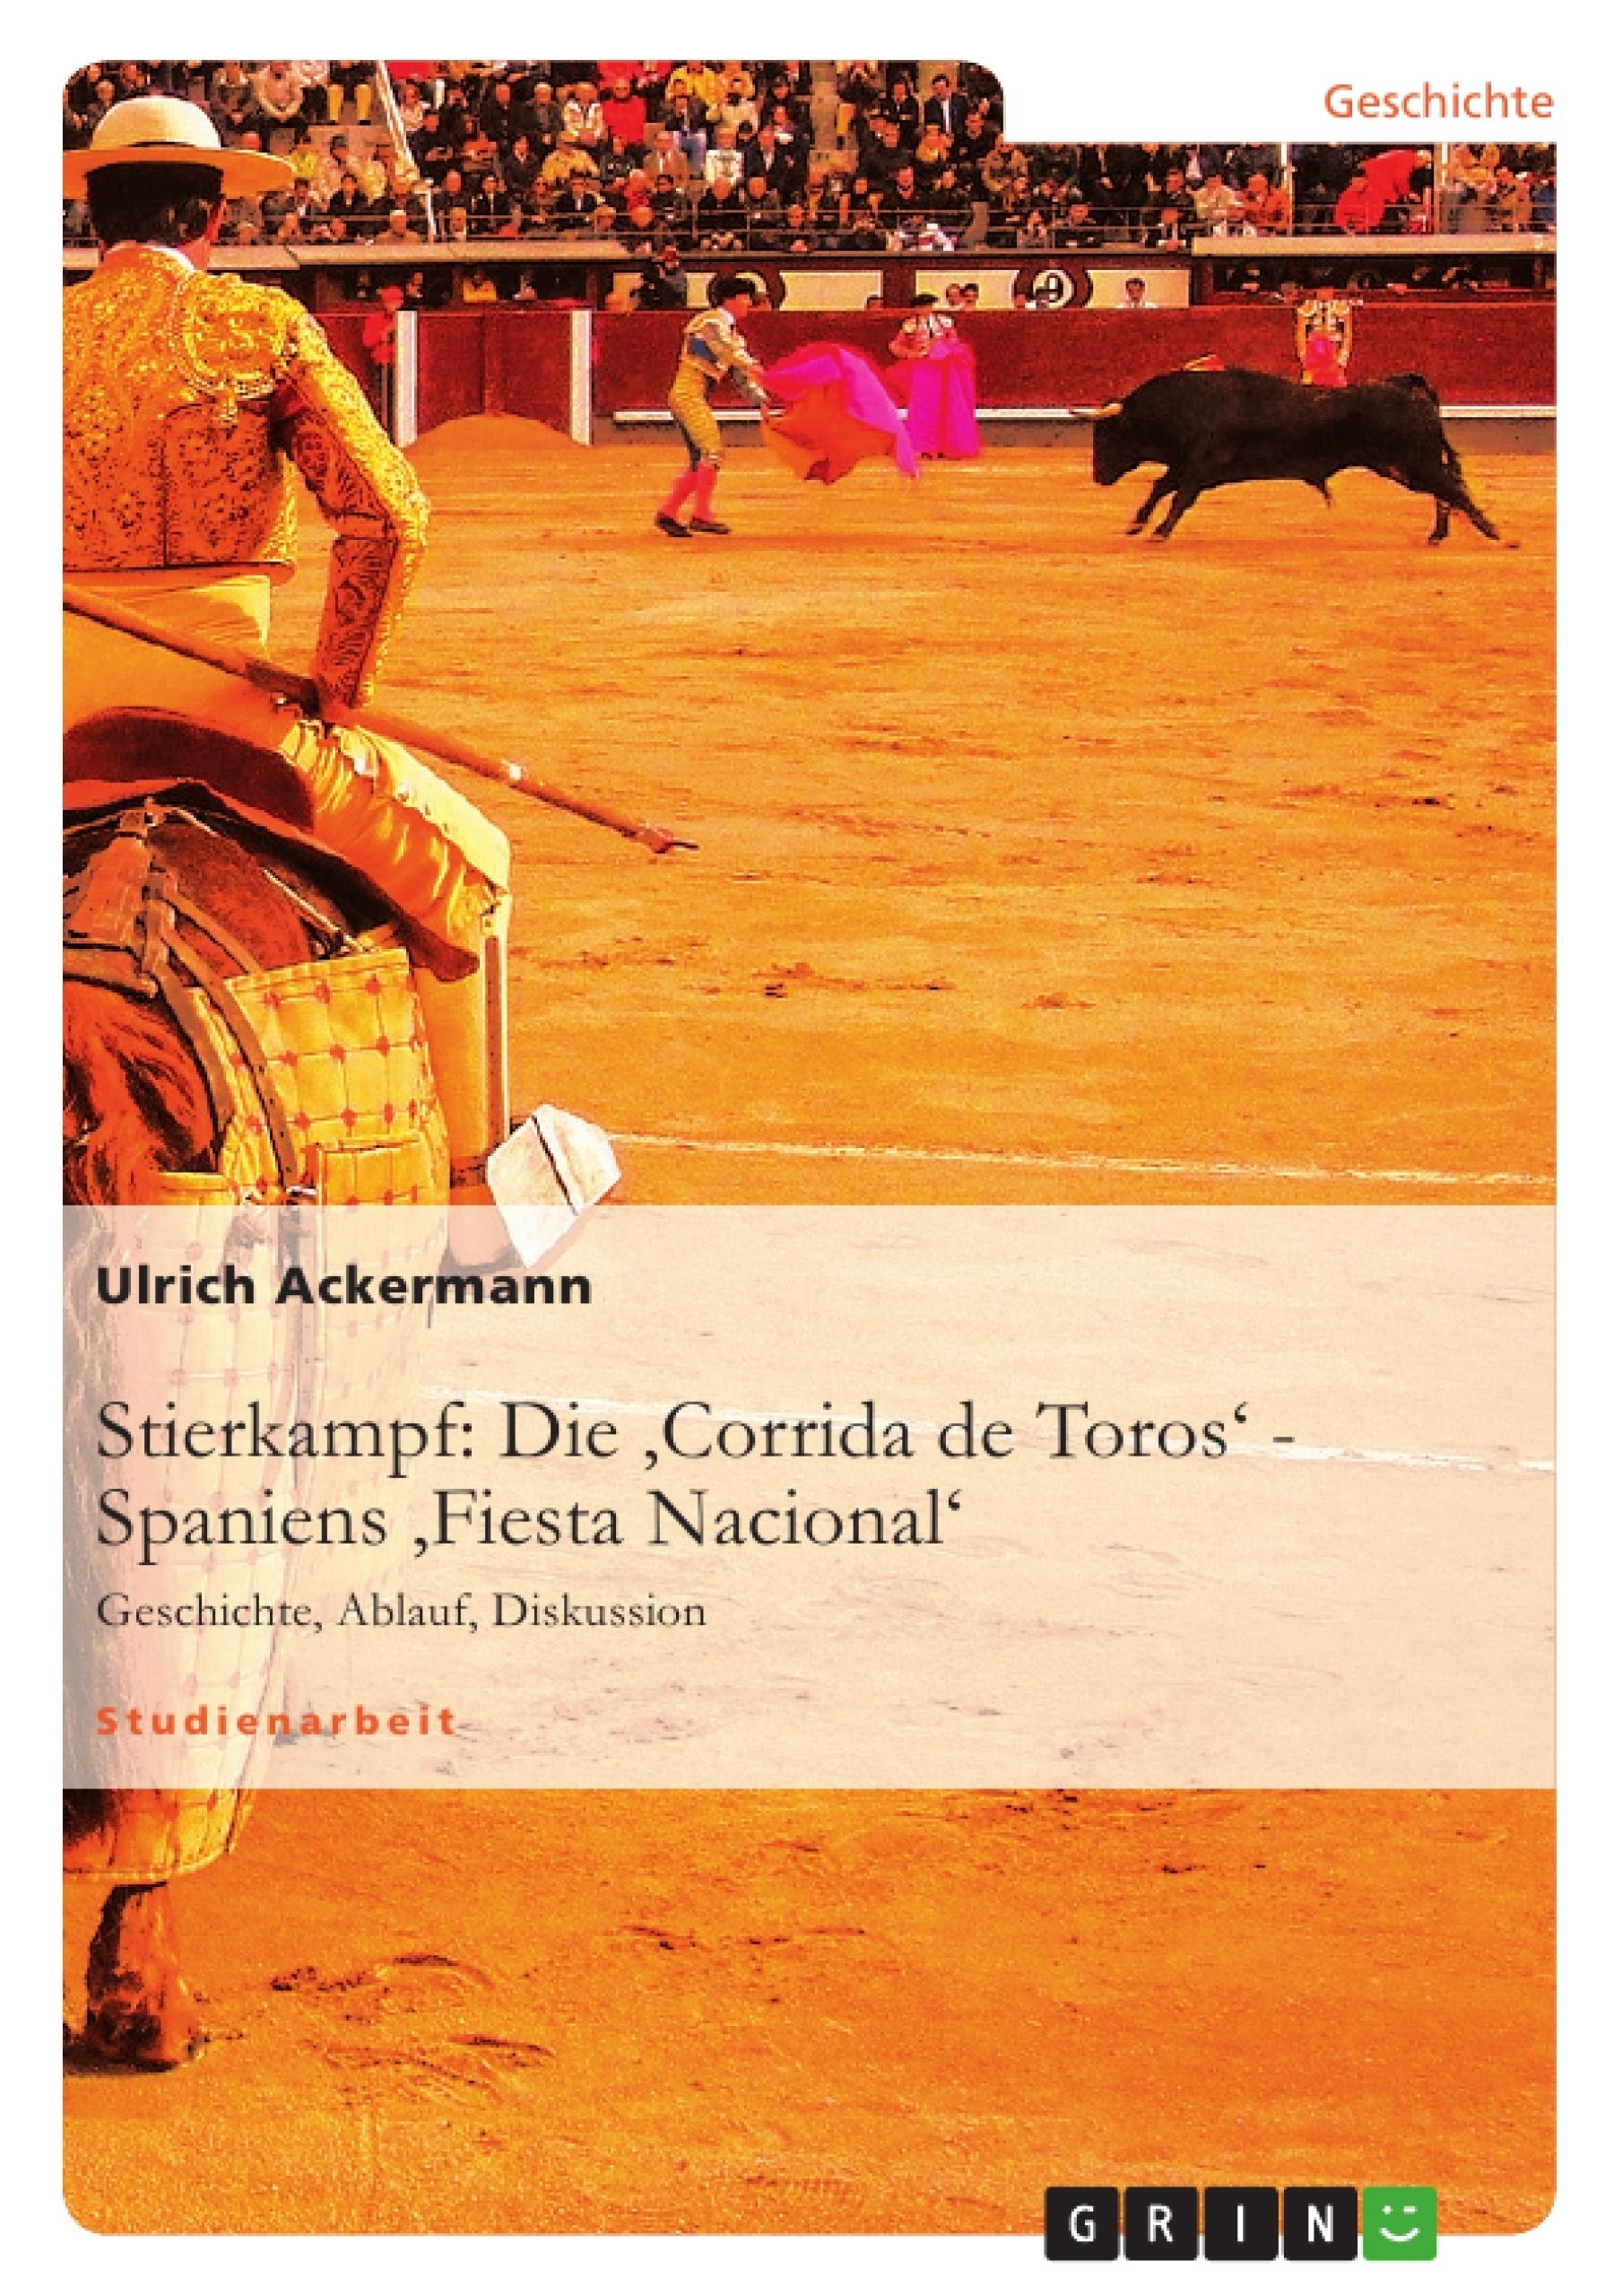 Titel: Stierkampf: Die 'Corrida de Toros' - Spaniens 'Fiesta Nacional'